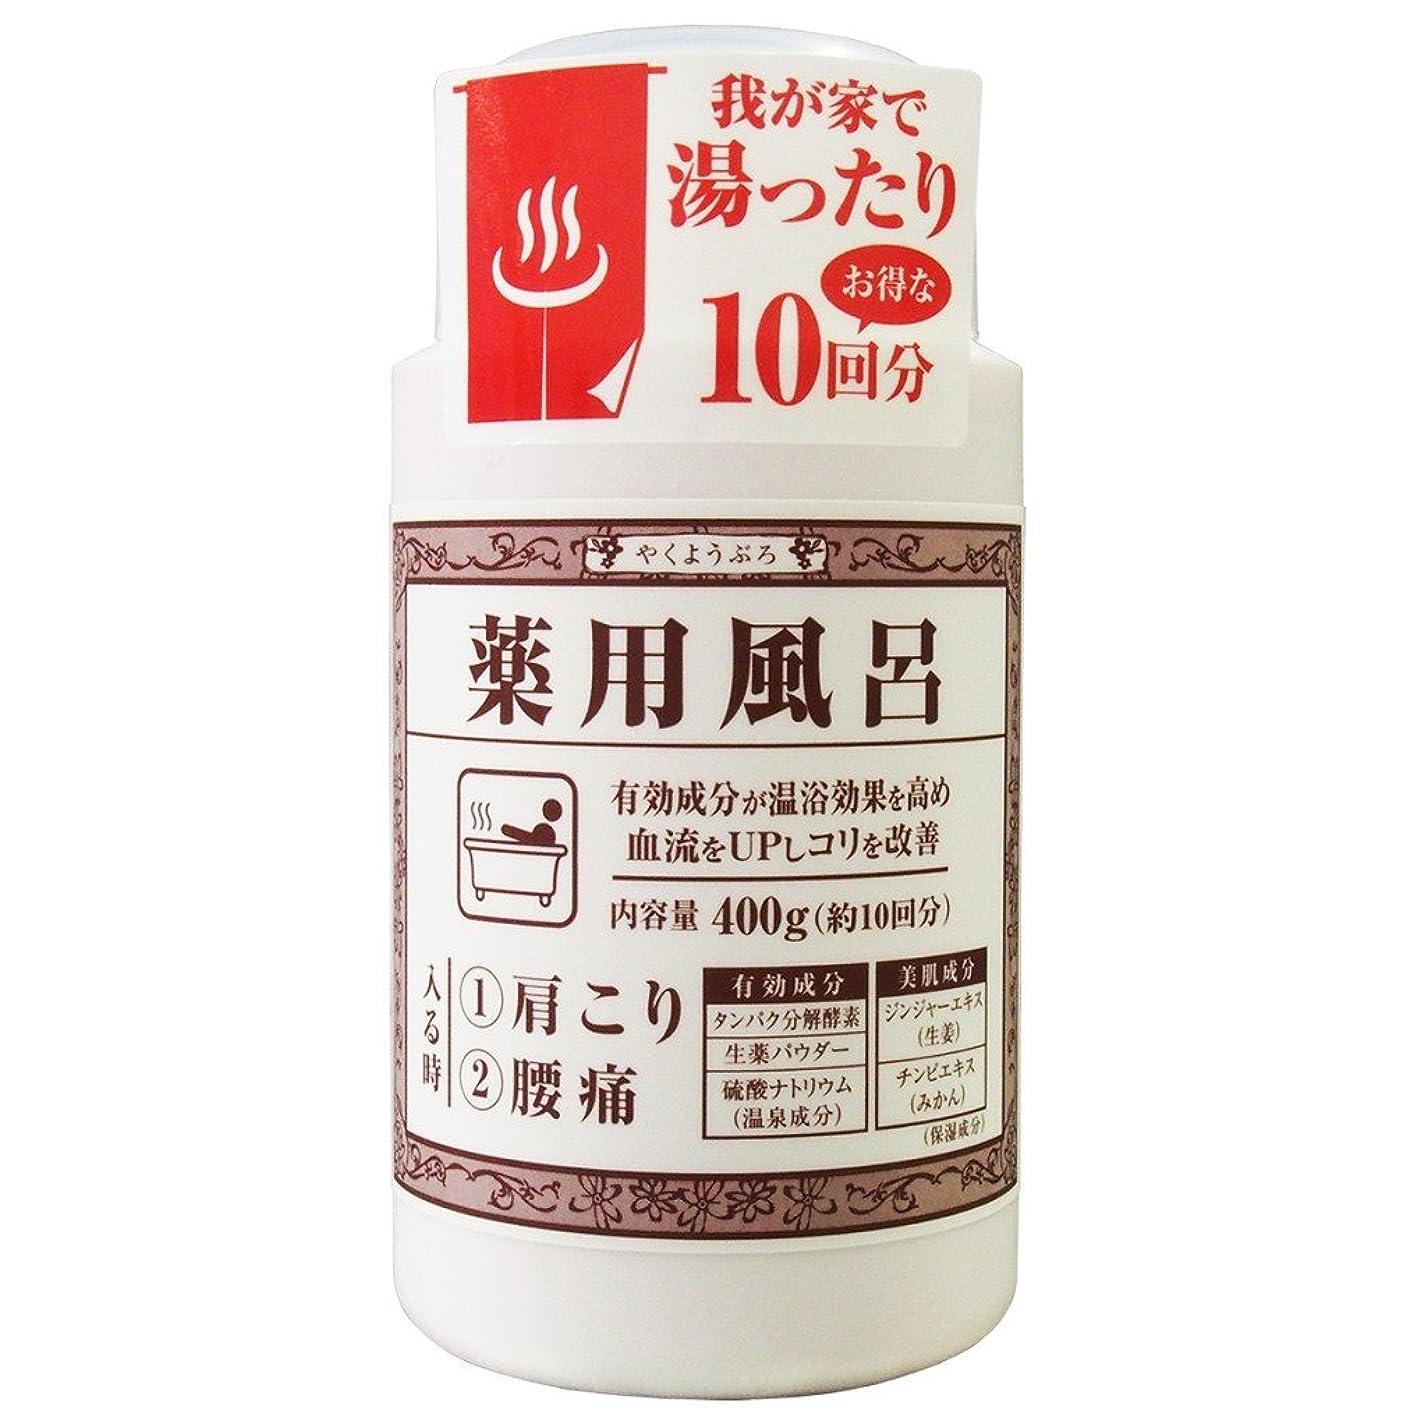 スペース解読する断片薬用風呂KKa 肩こり?腰痛 ボトル 400g(医薬部外品)